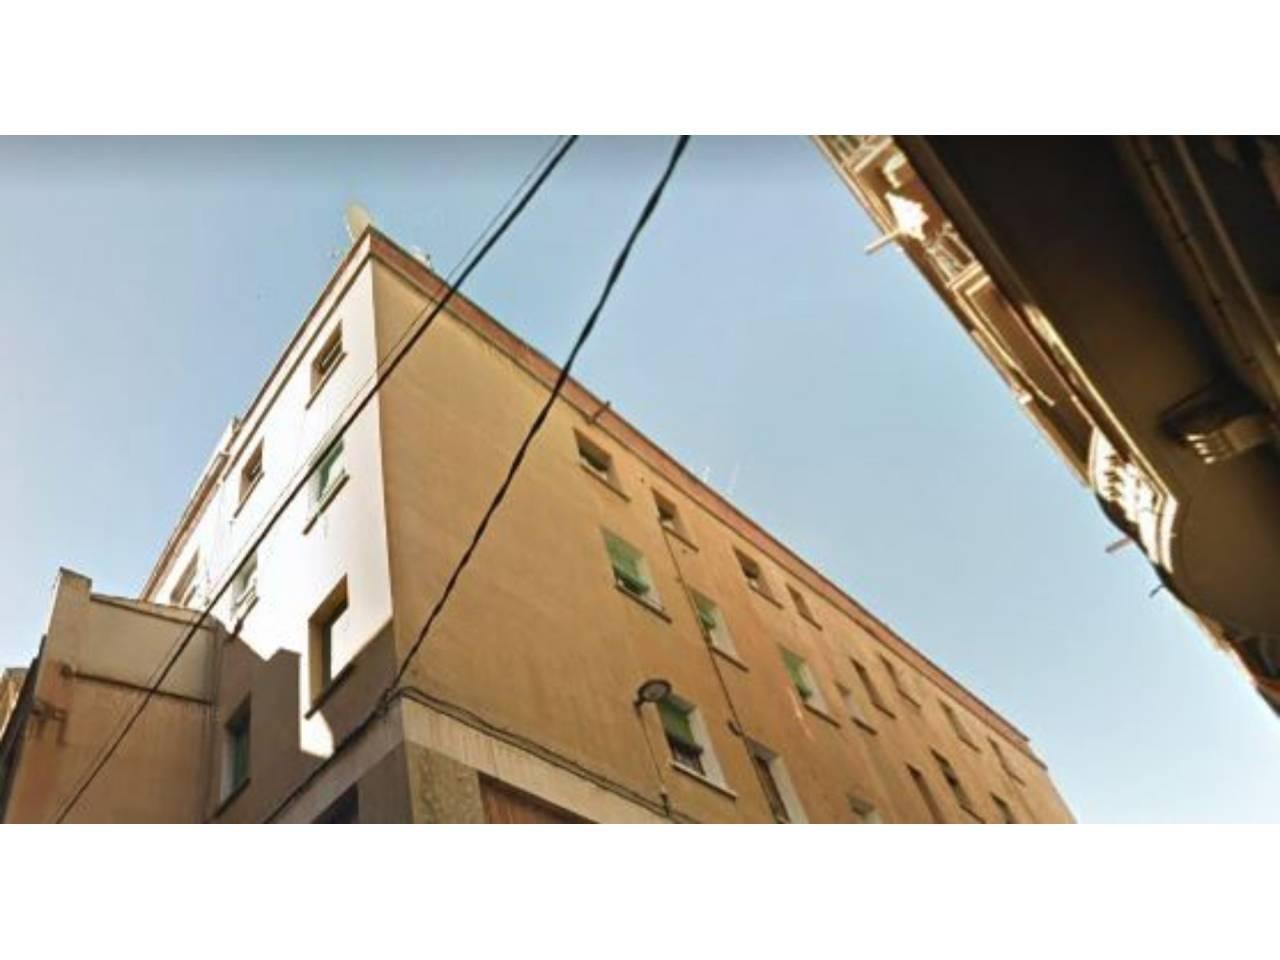 Edificio  Antic. Edificio en pleno centro con rentabilidad de un 6,5%, de alquile